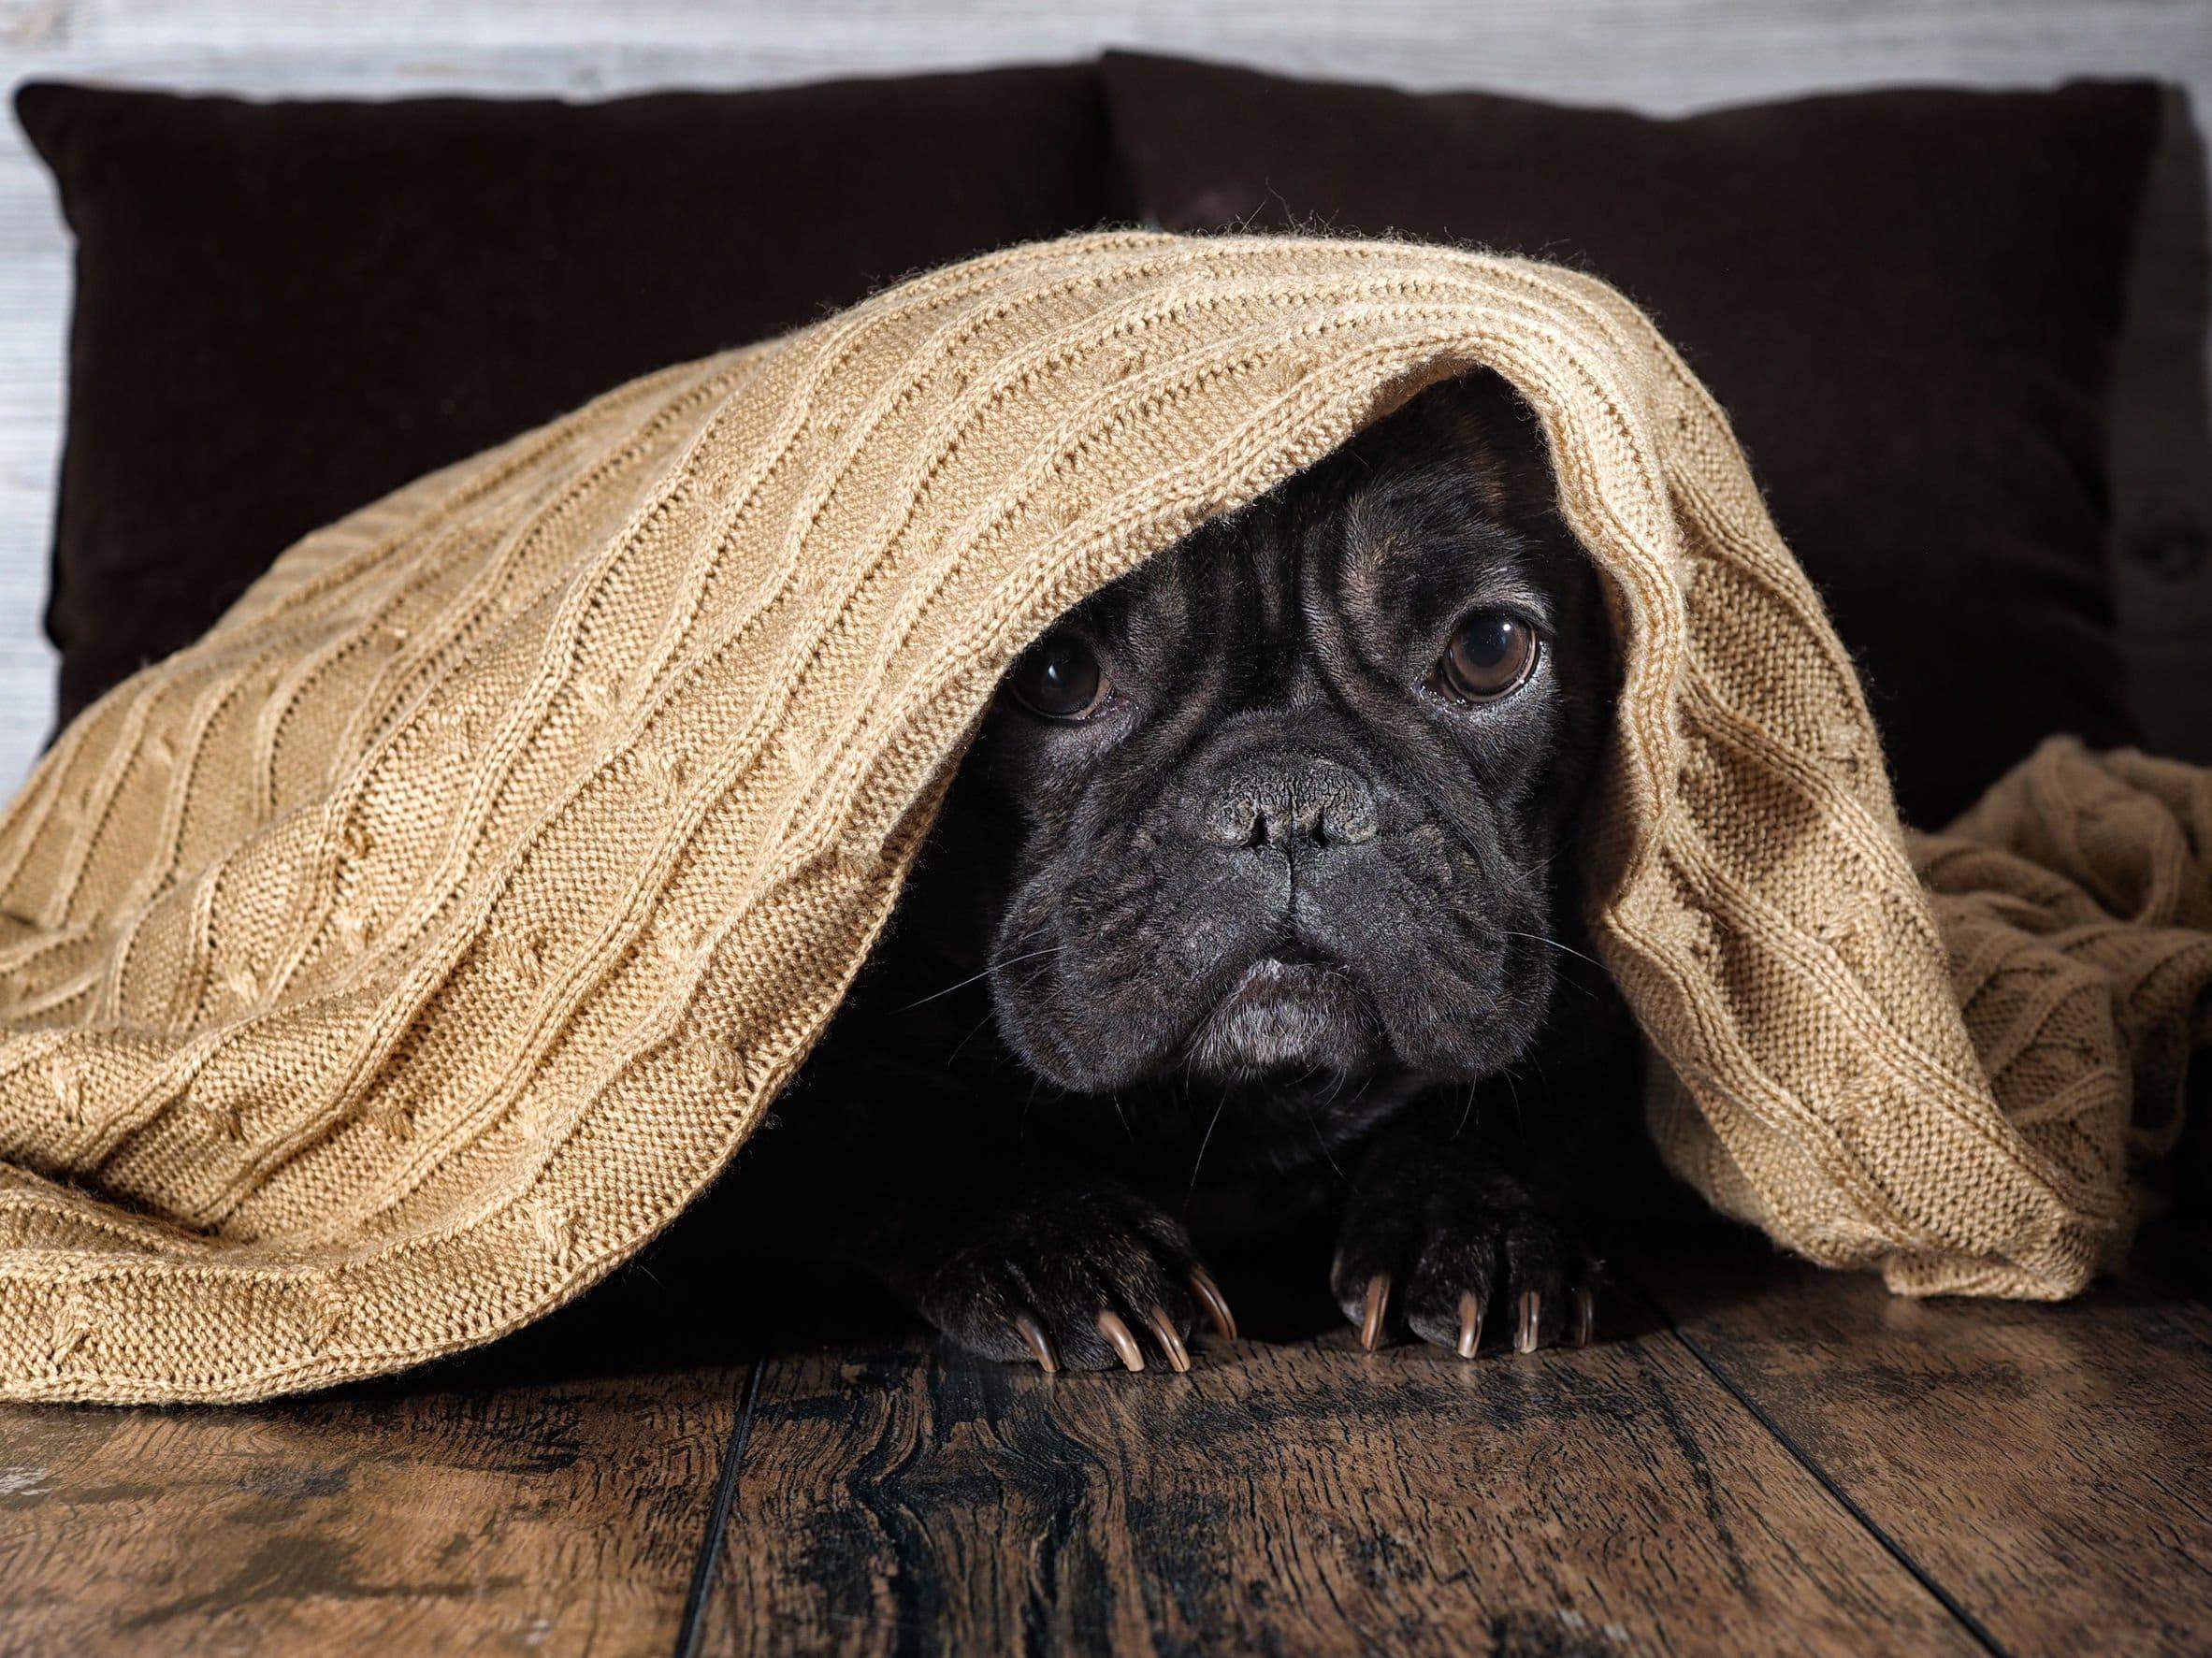 5bdea0f598daf Jak najbardziej i nawet nie zdajemy sobie z tego sprawy! Psy często  tolerują jednak takie ludzkie zachowanie, bo są lojalne. Jednak jakie ...